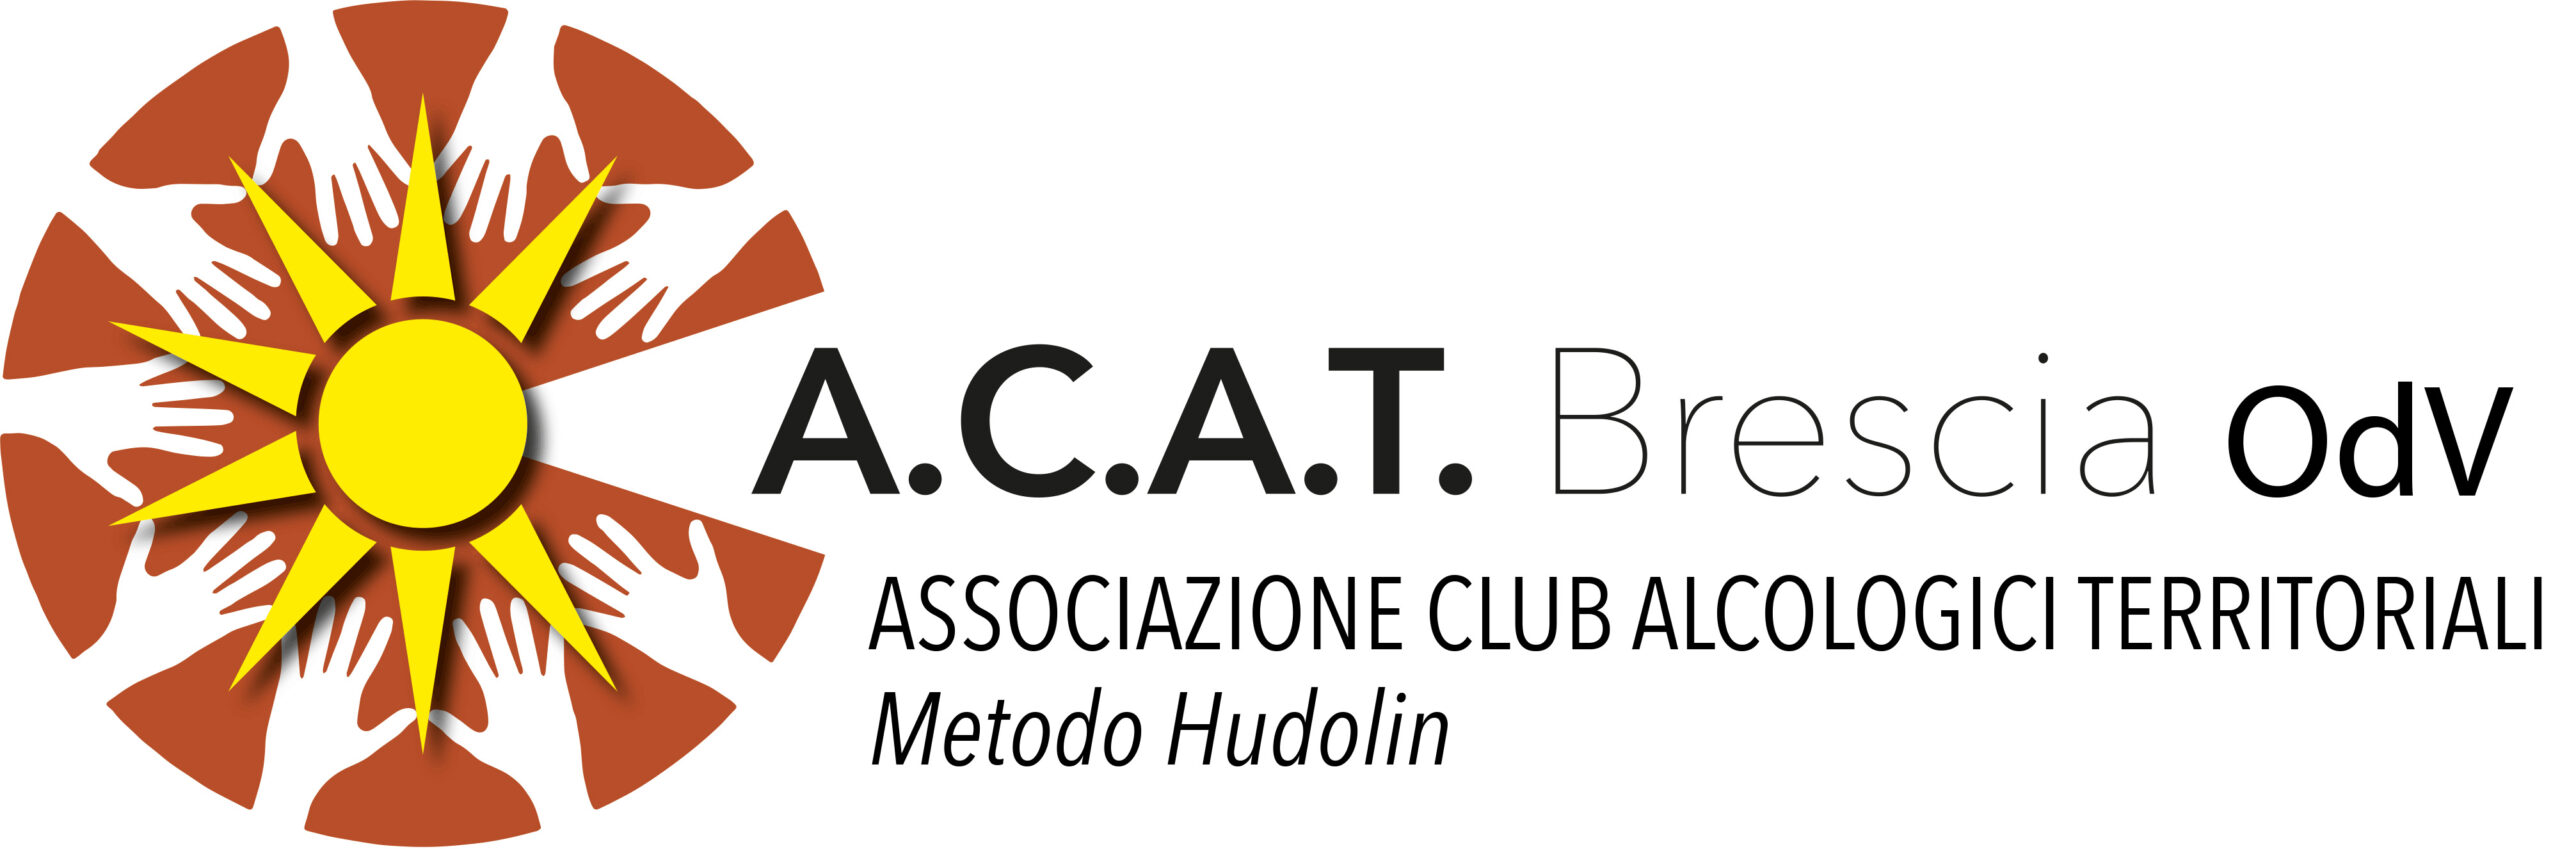 ACAT Brescia